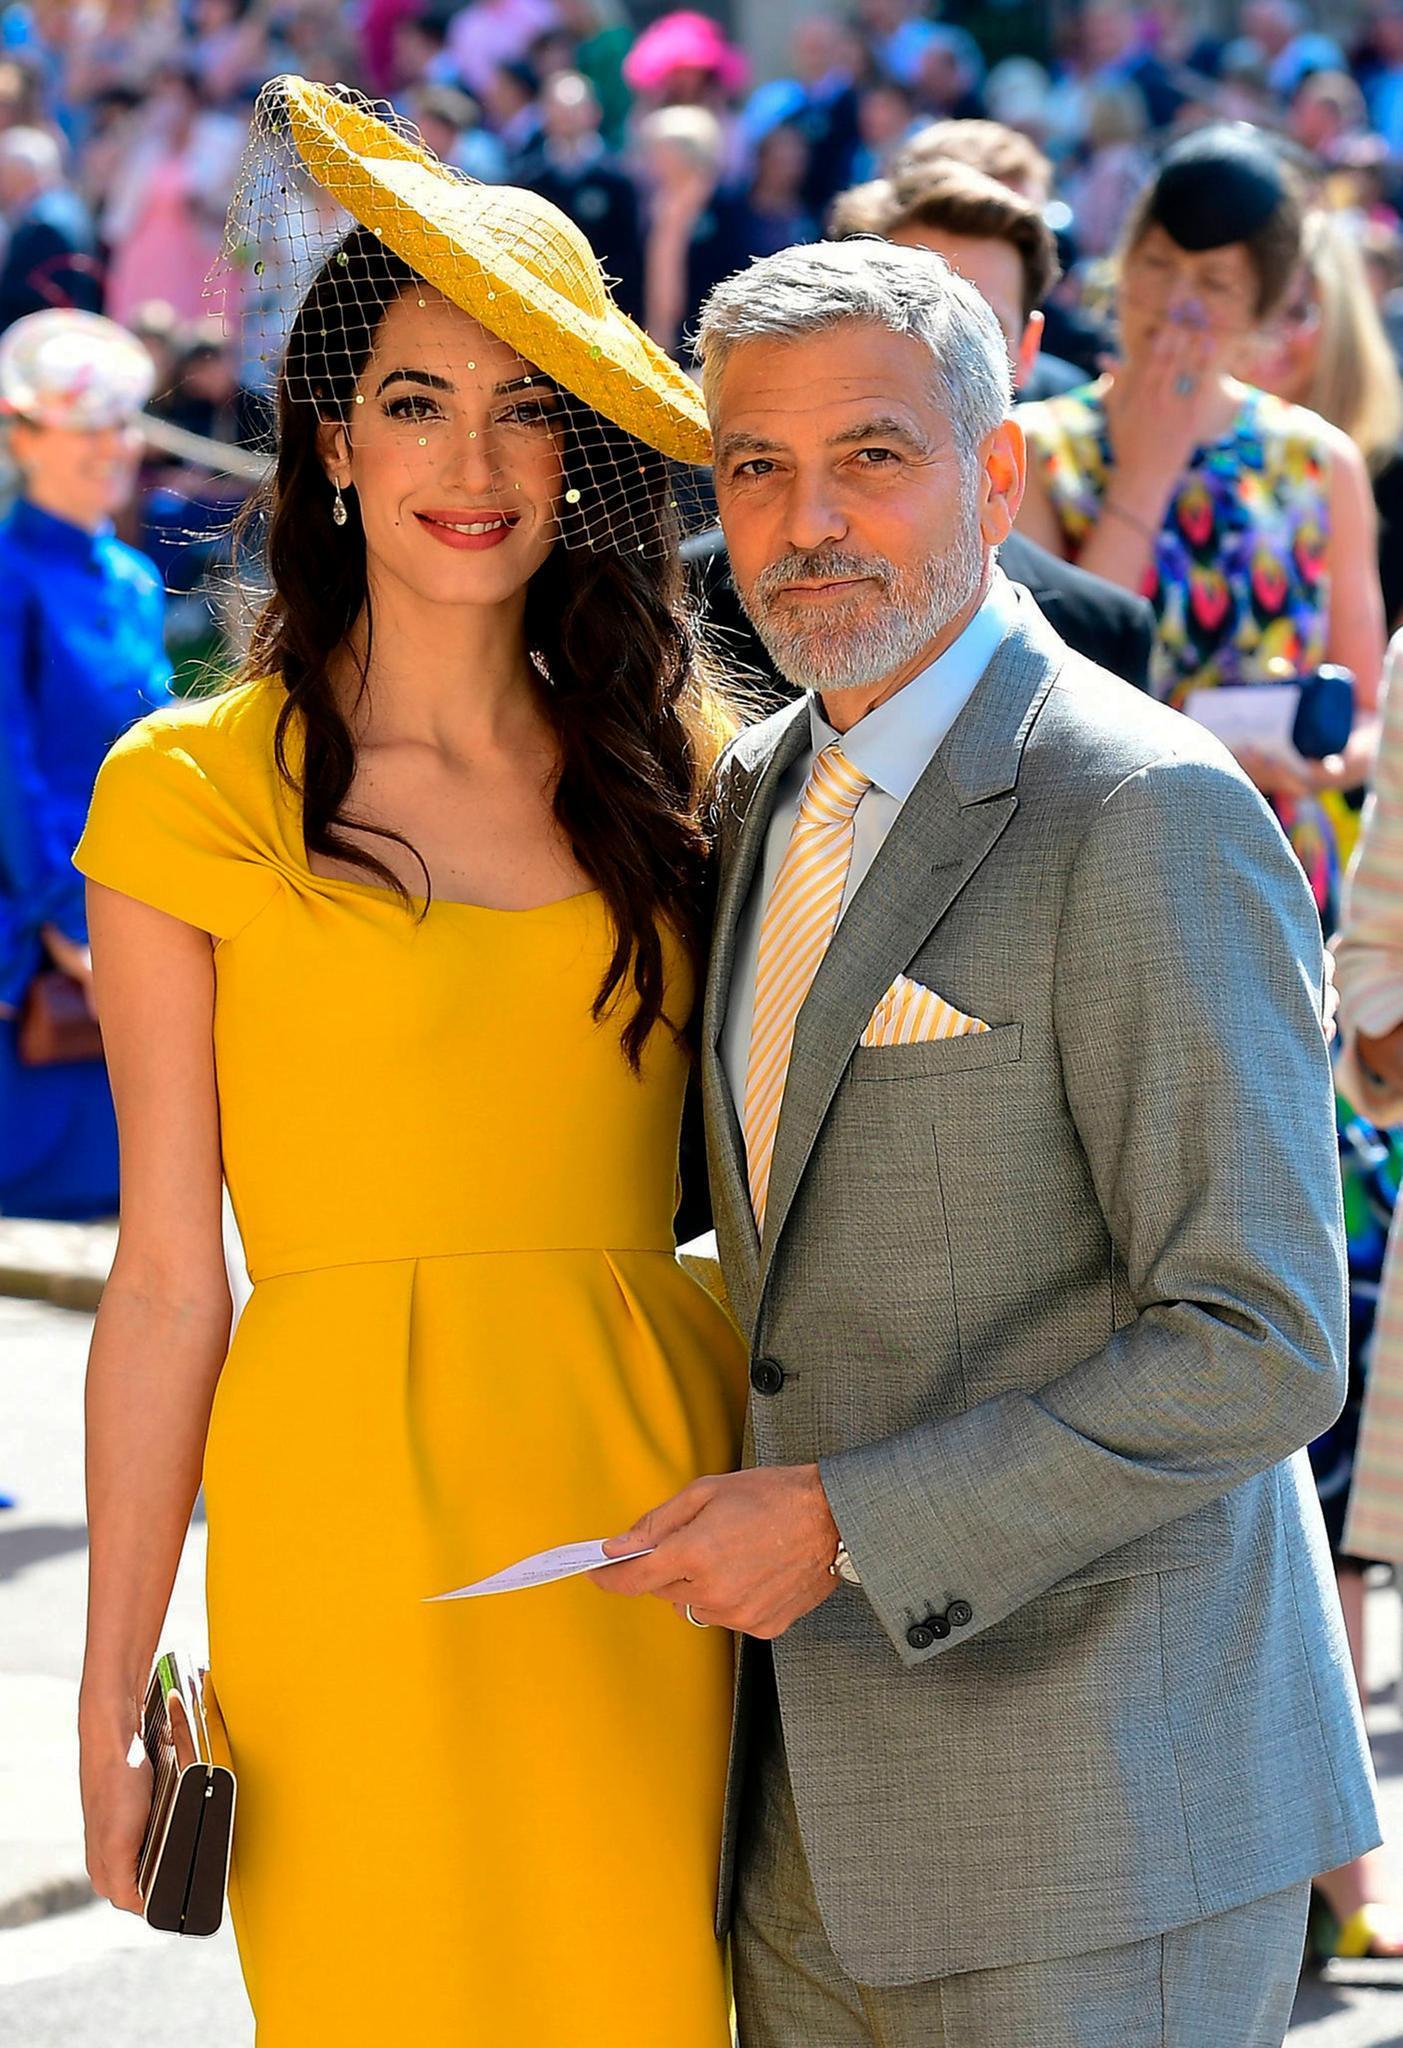 George-und-Amal-Clooney-Sie-suchen-gleich-sieben-Nannys-f-r-ihre-Zwillinge